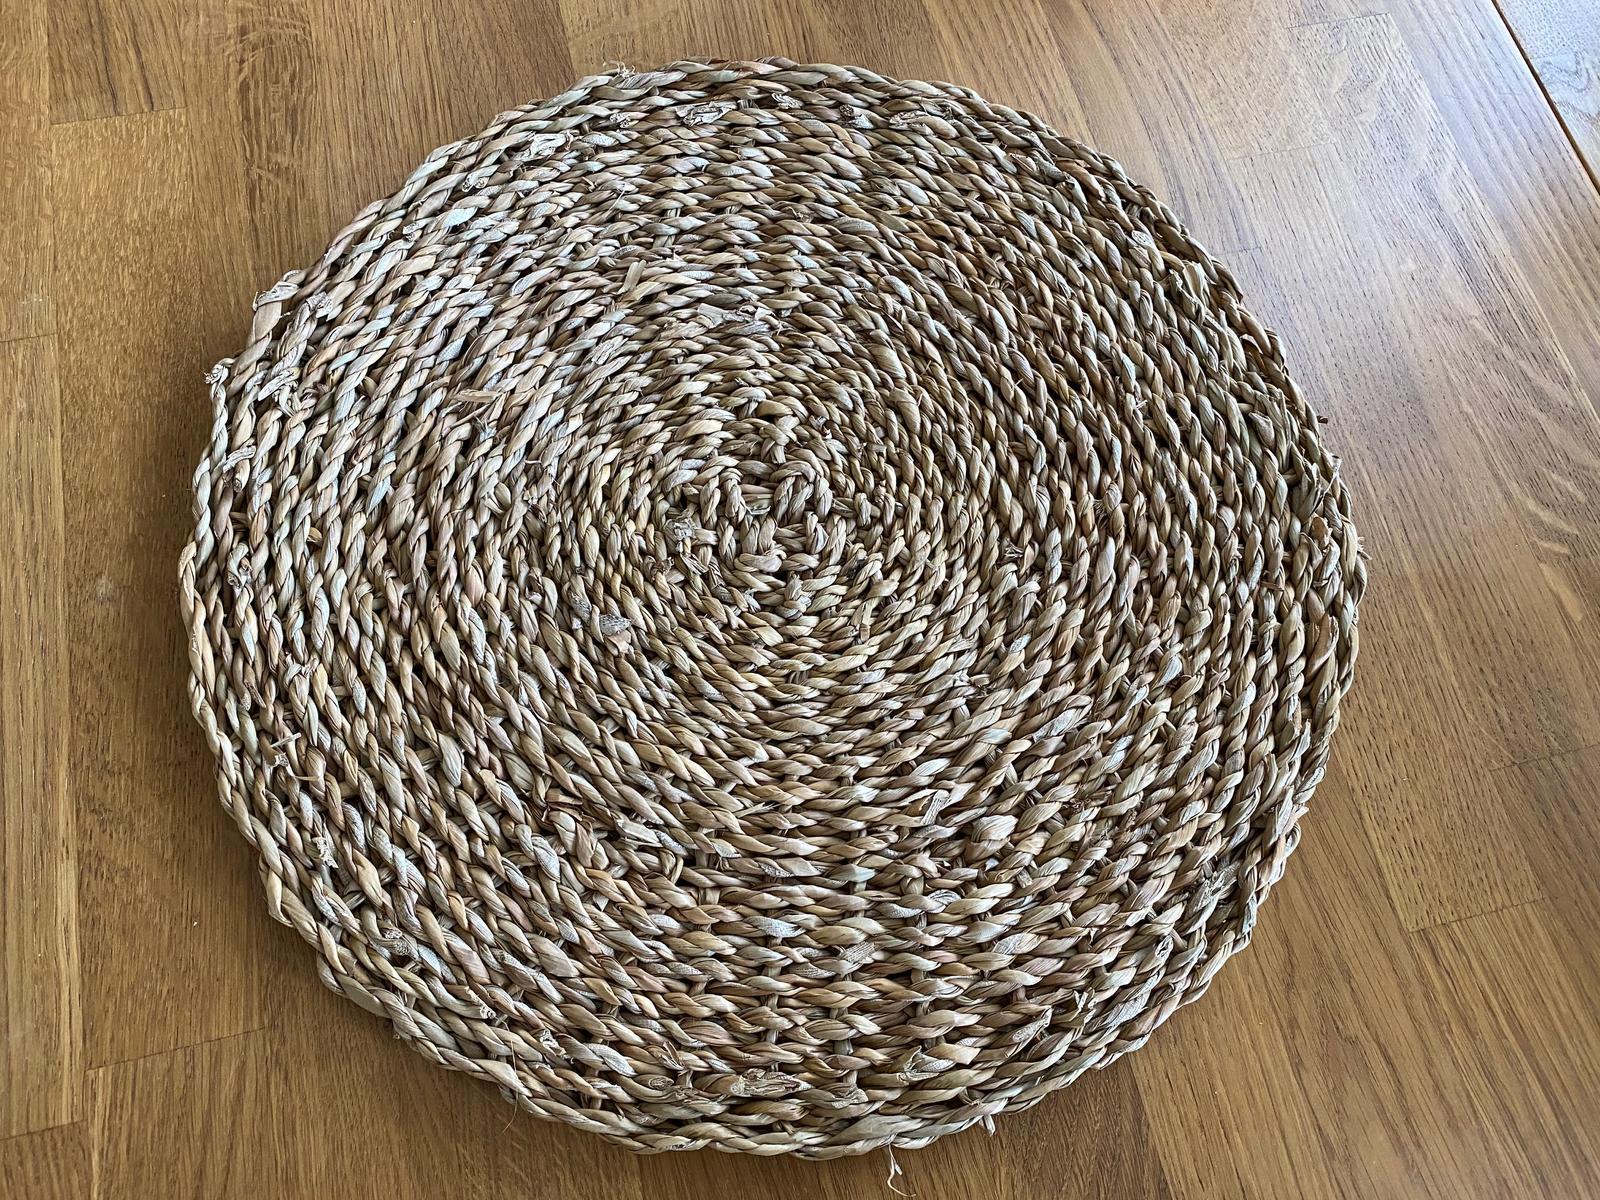 64x Prostírání TORO mořská tráva 38cm - Obrázek č. 1